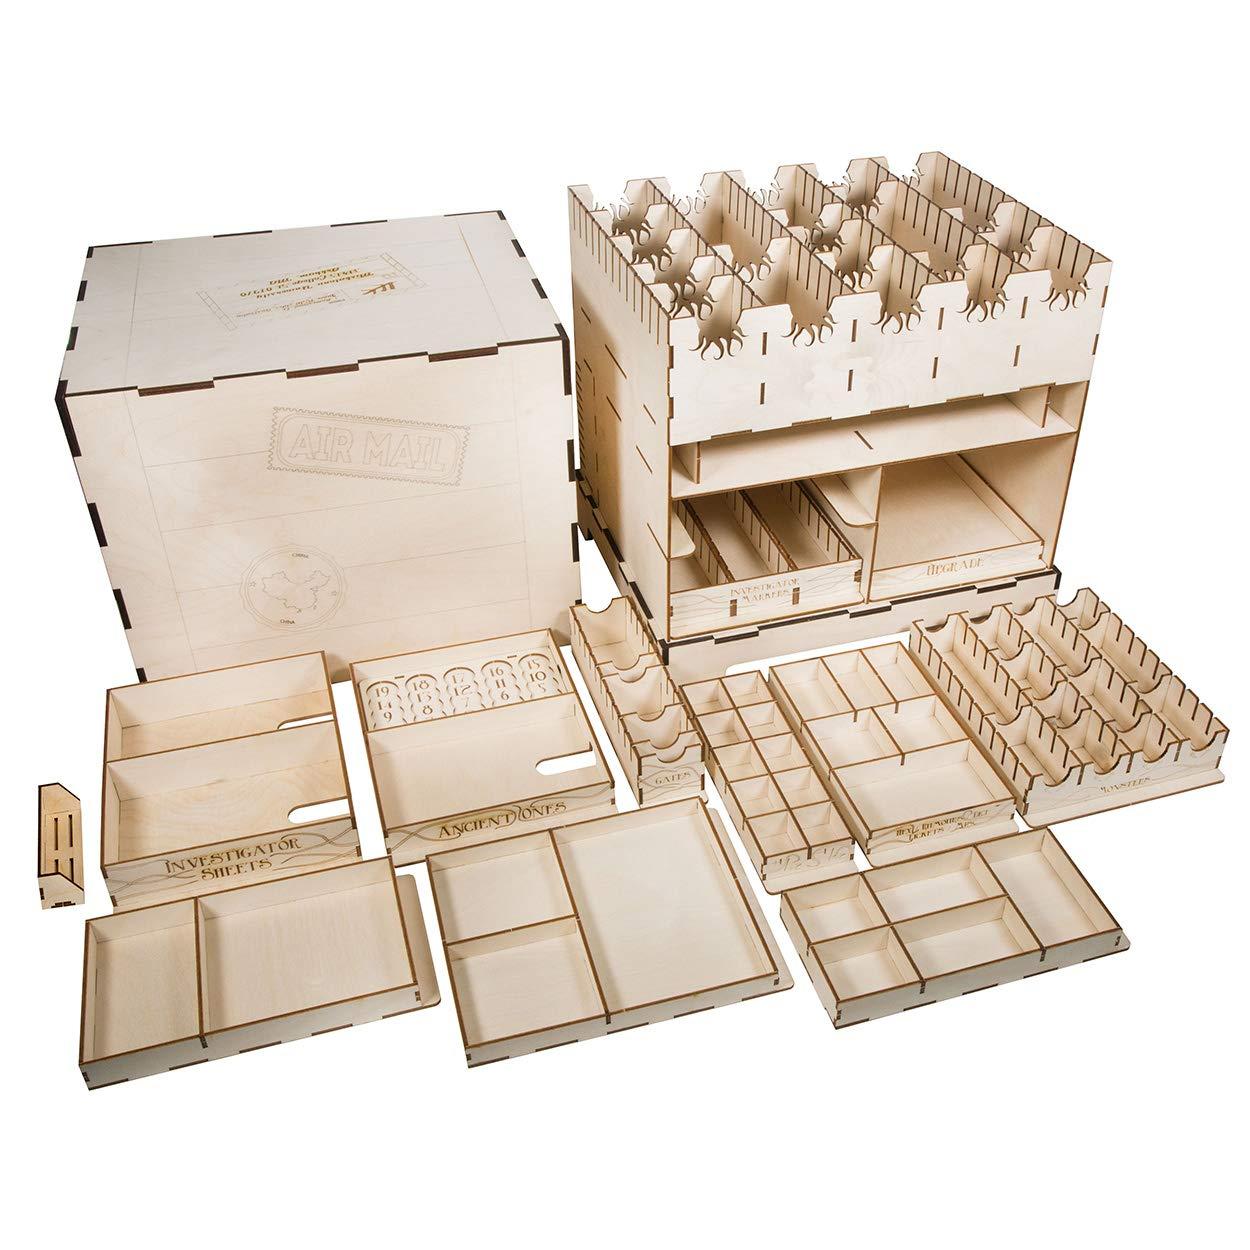 The Broken Token Eldritch Artifact Crate for Eldritch Horror